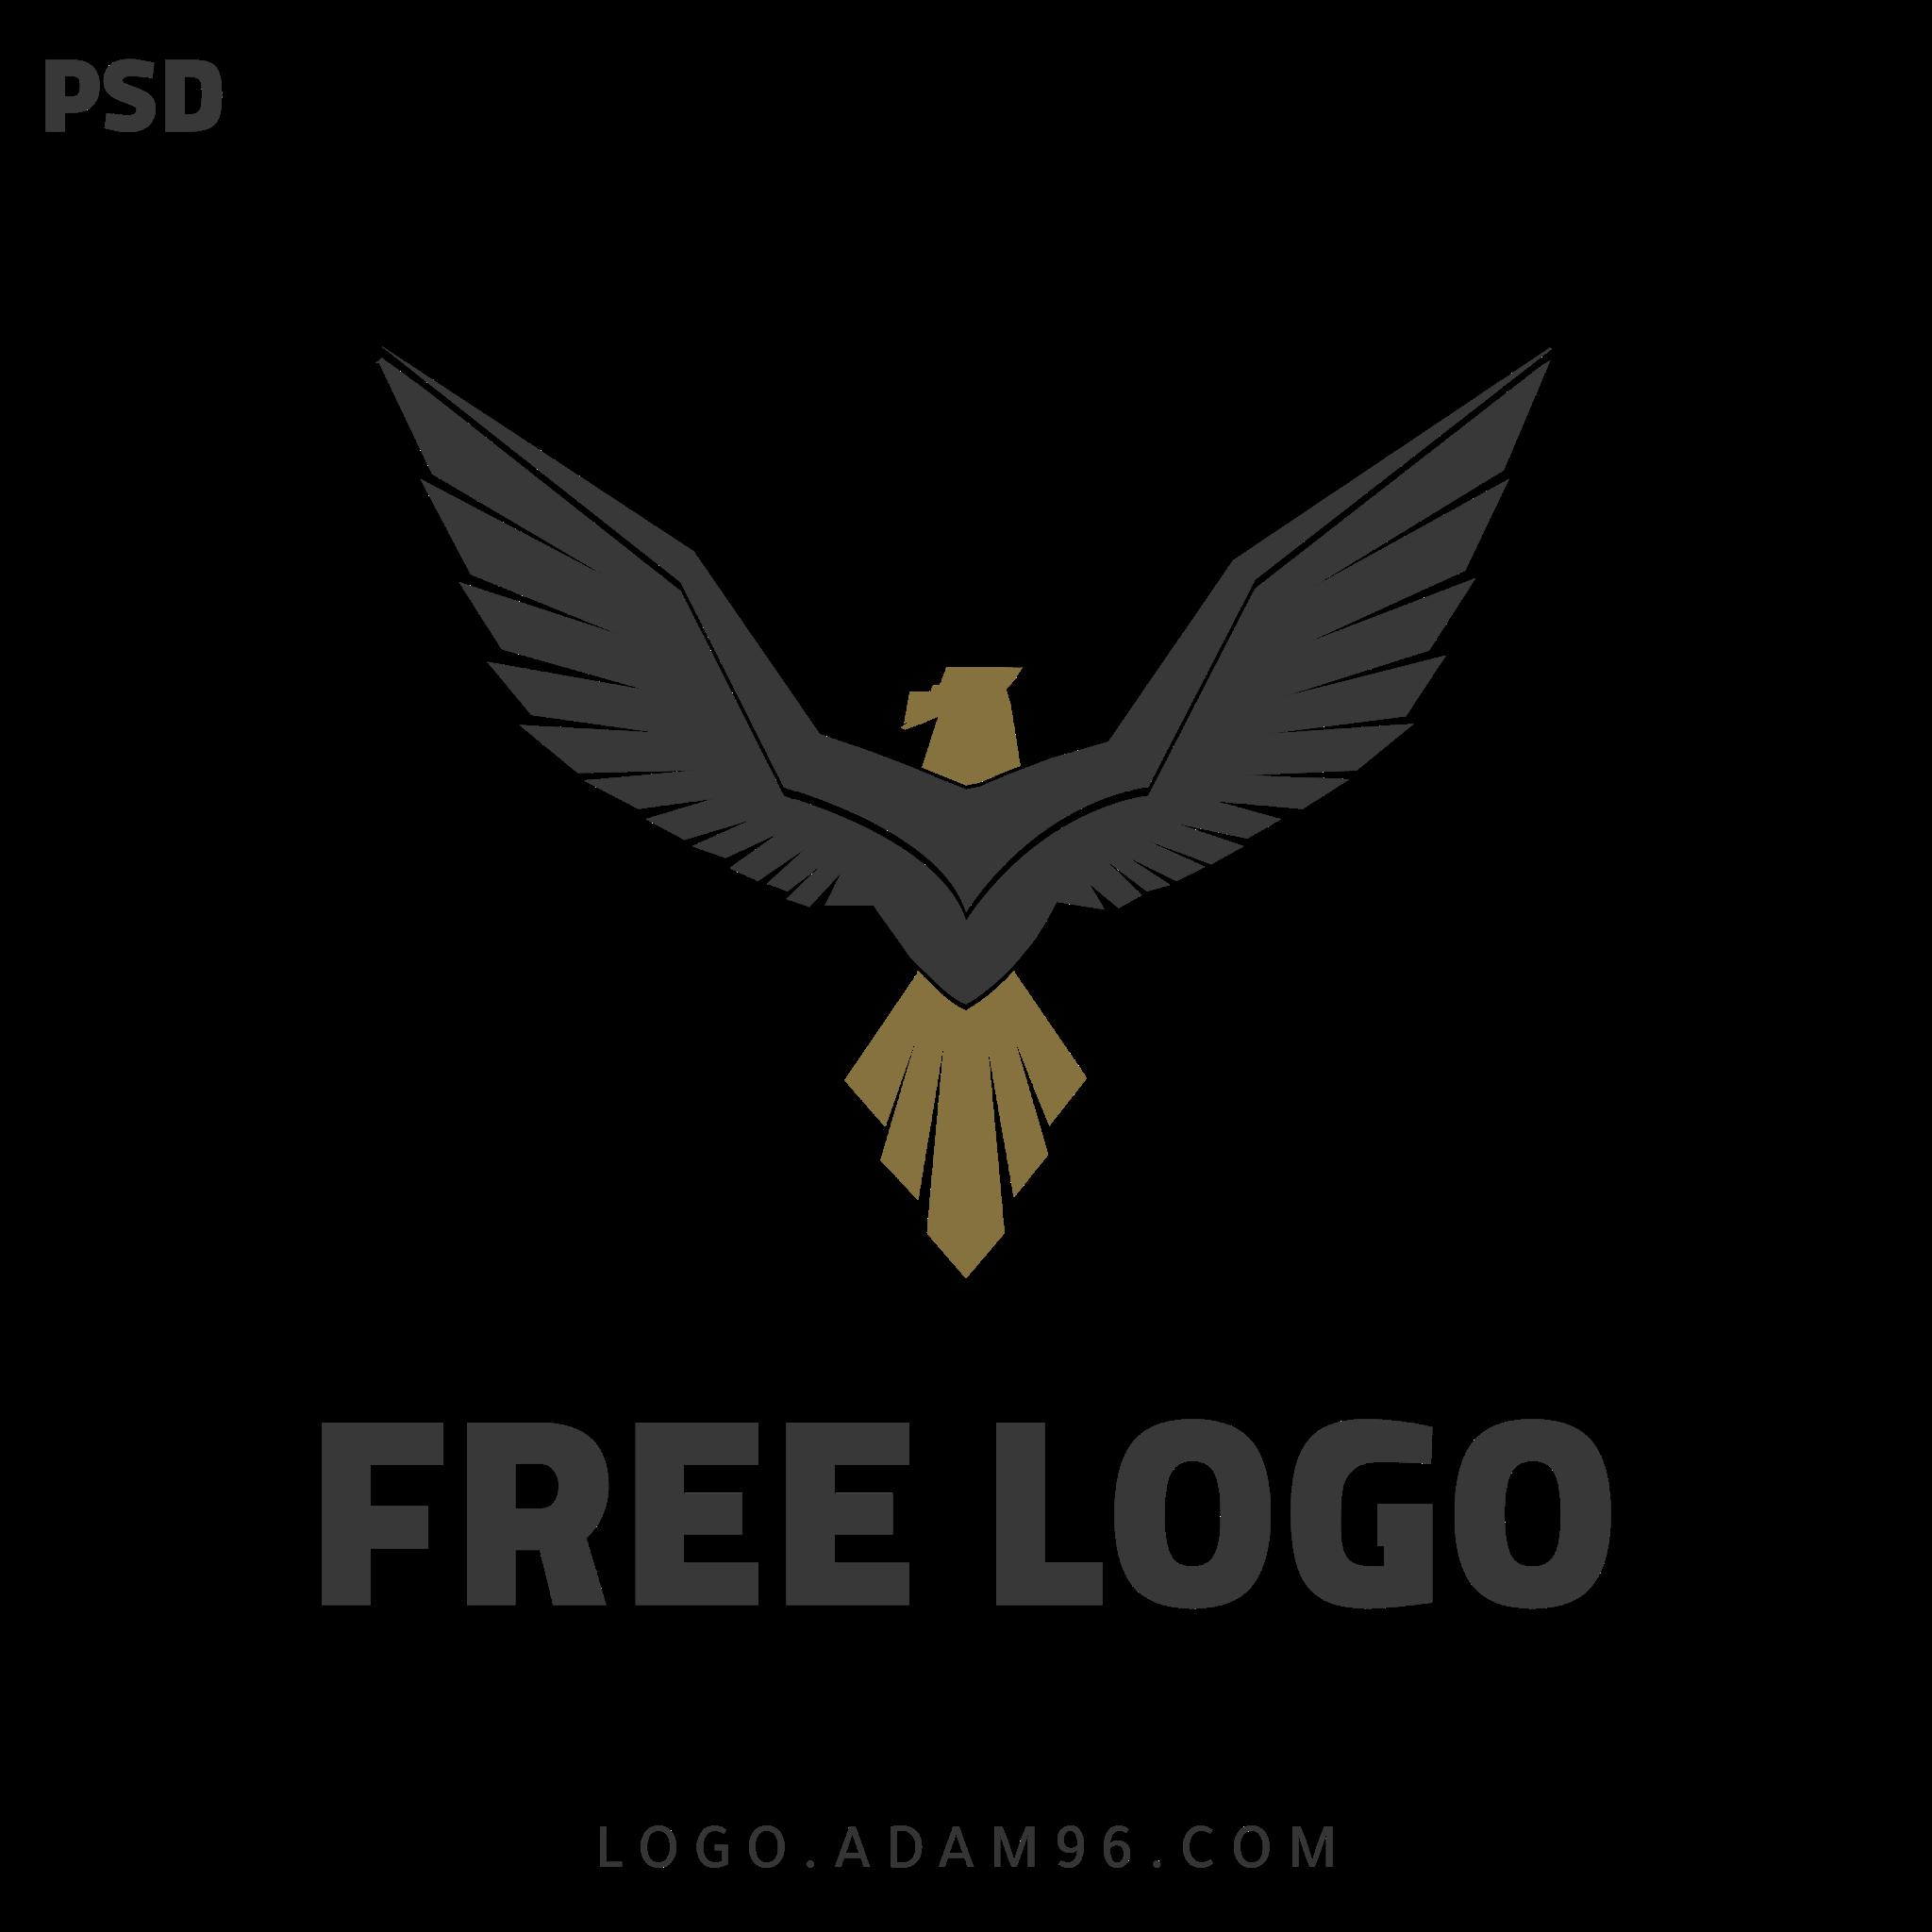 تحميل شعار احترافي مميز بدون حقوق بصيغة ملف مفتوح Free Logo PSD